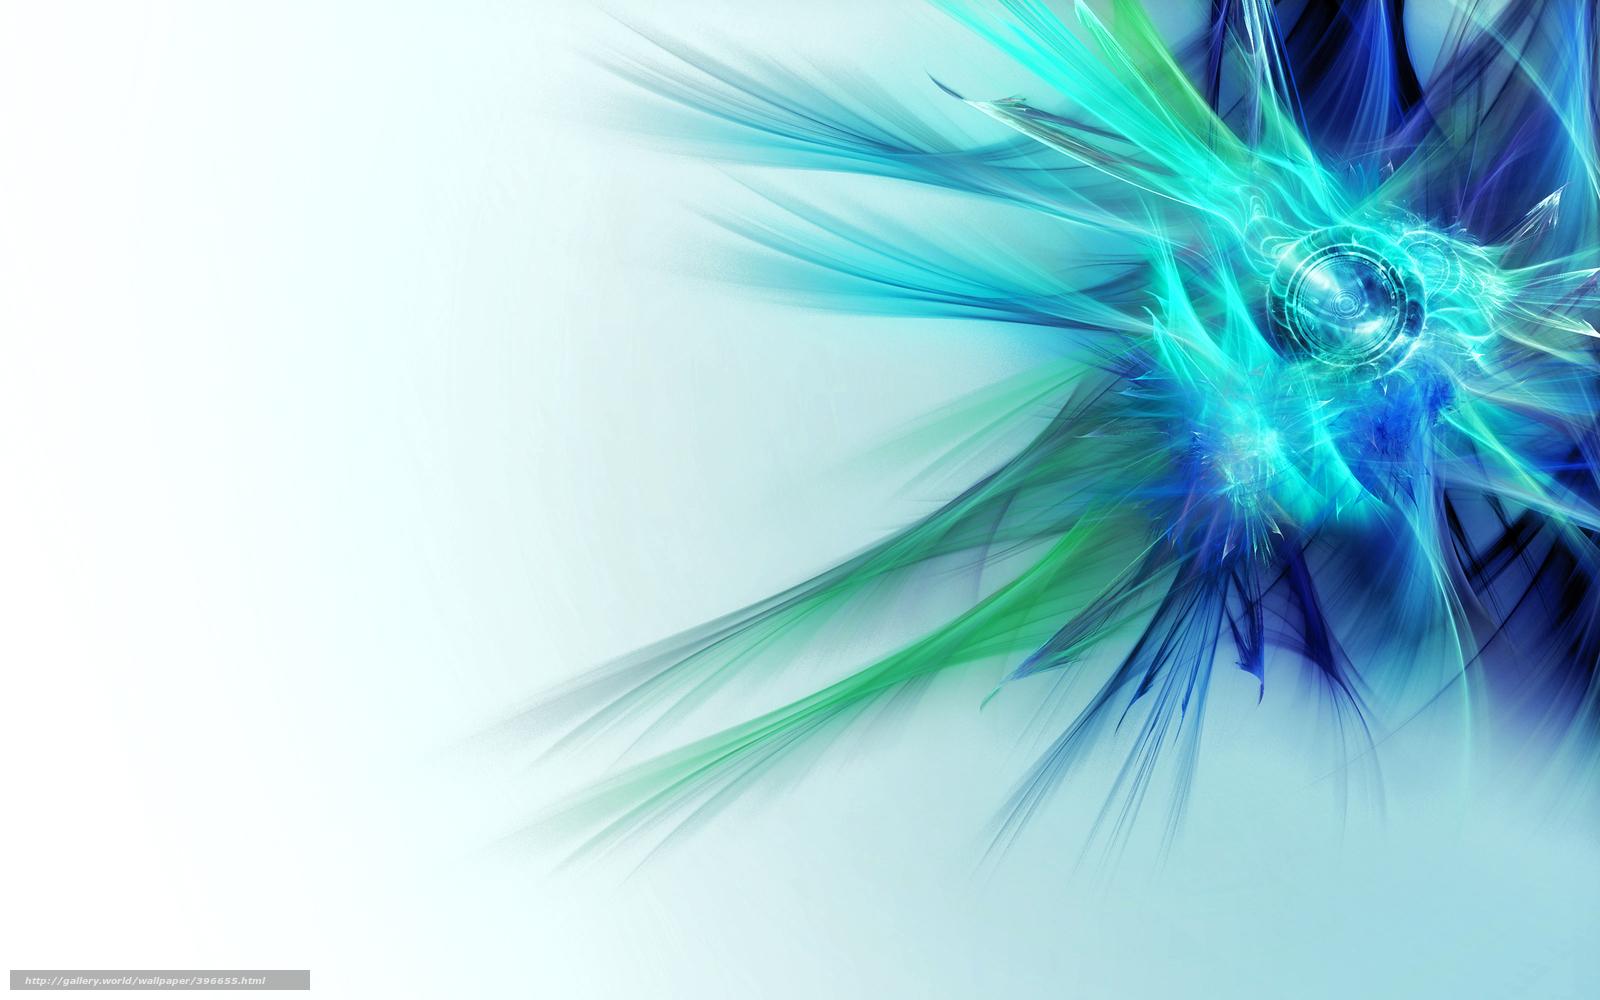 Scaricare Gli Sfondi Luce Colore Blu Turchese Sfondi Gratis Per